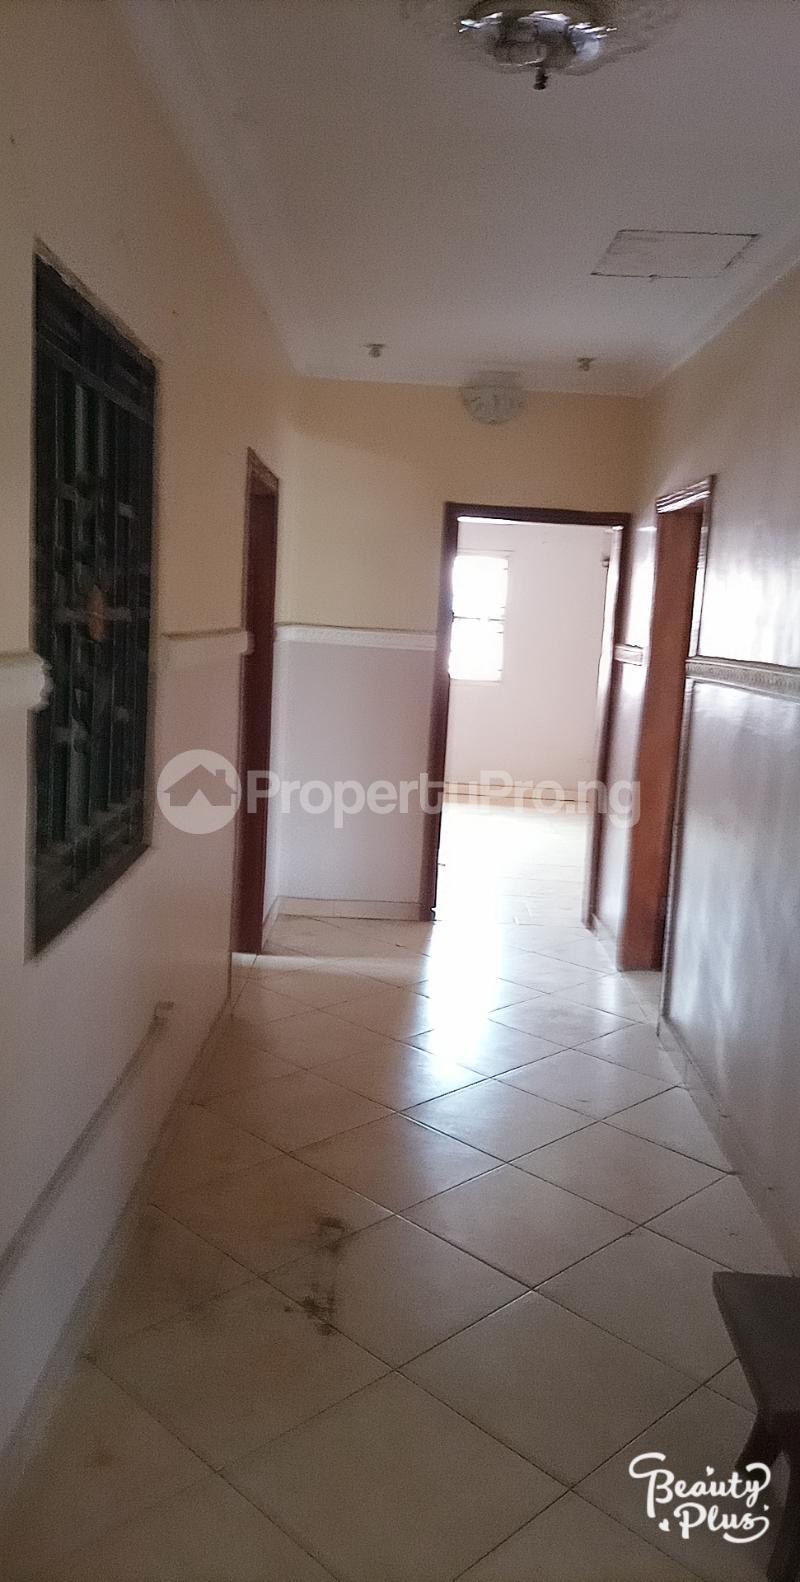 6 bedroom Detached Duplex for sale Ajao Estate Isolo. Lagos Mainland Ajao Estate Isolo Lagos - 12